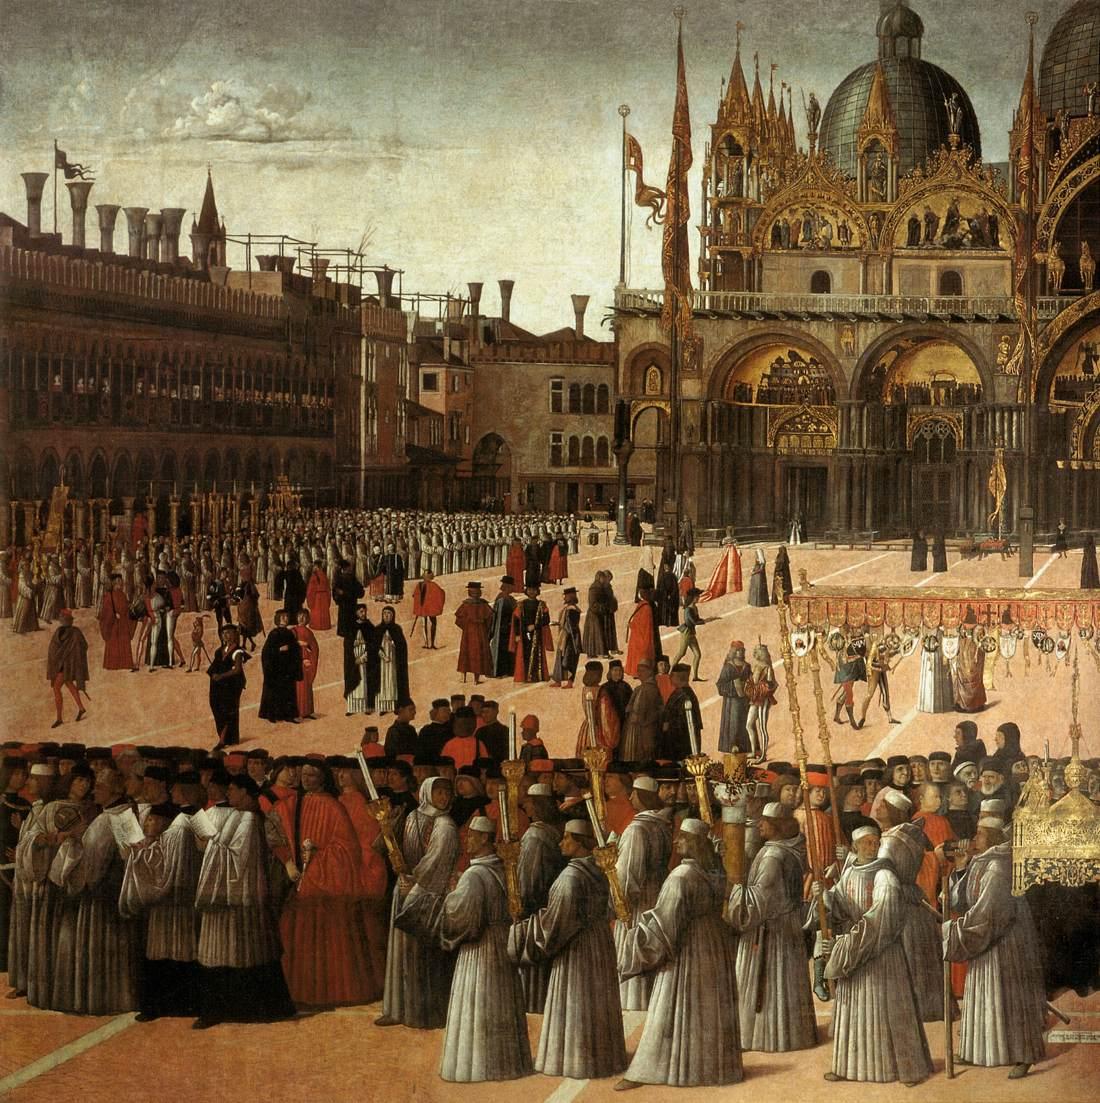 Gentile_bellini,_processione_in_piazza_san_marco_02